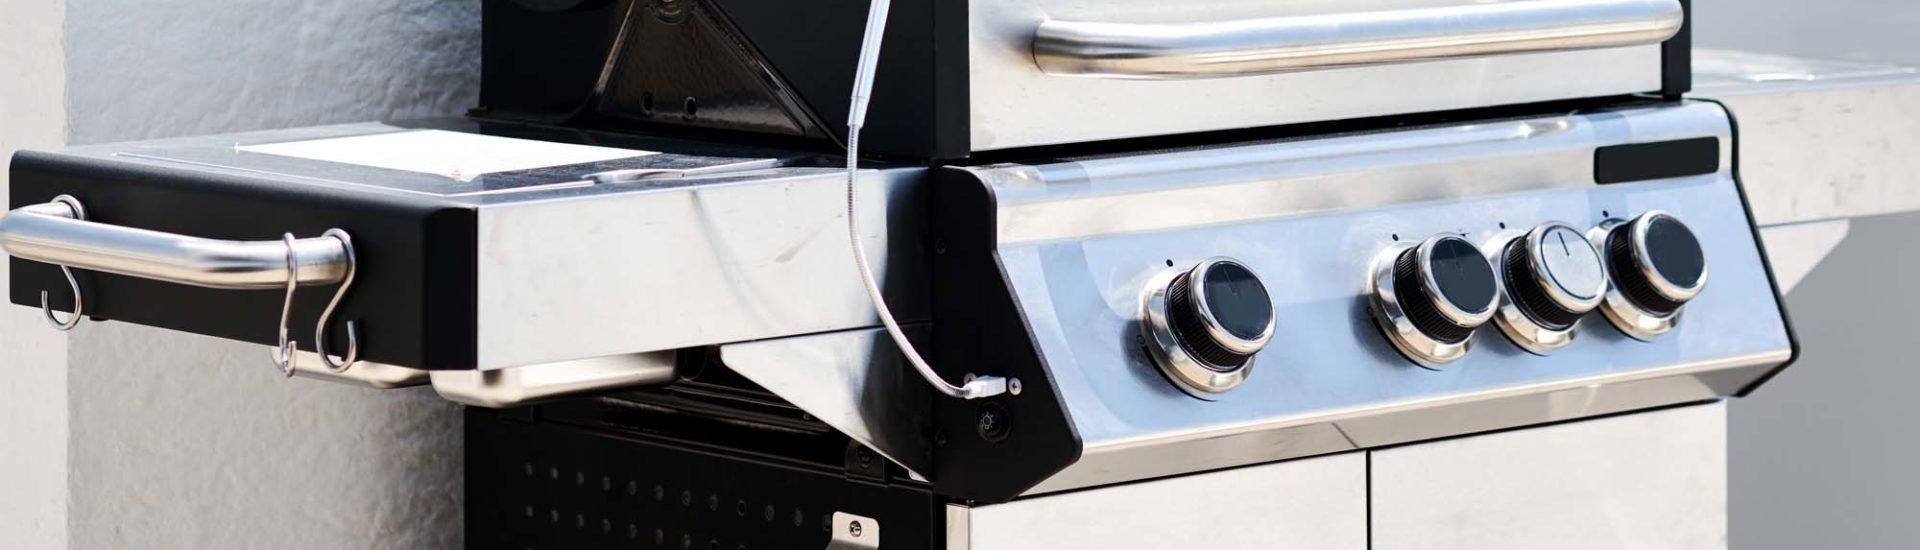 Edelstahl Gasgrill - Robust, elegant und korrosionsbeständig